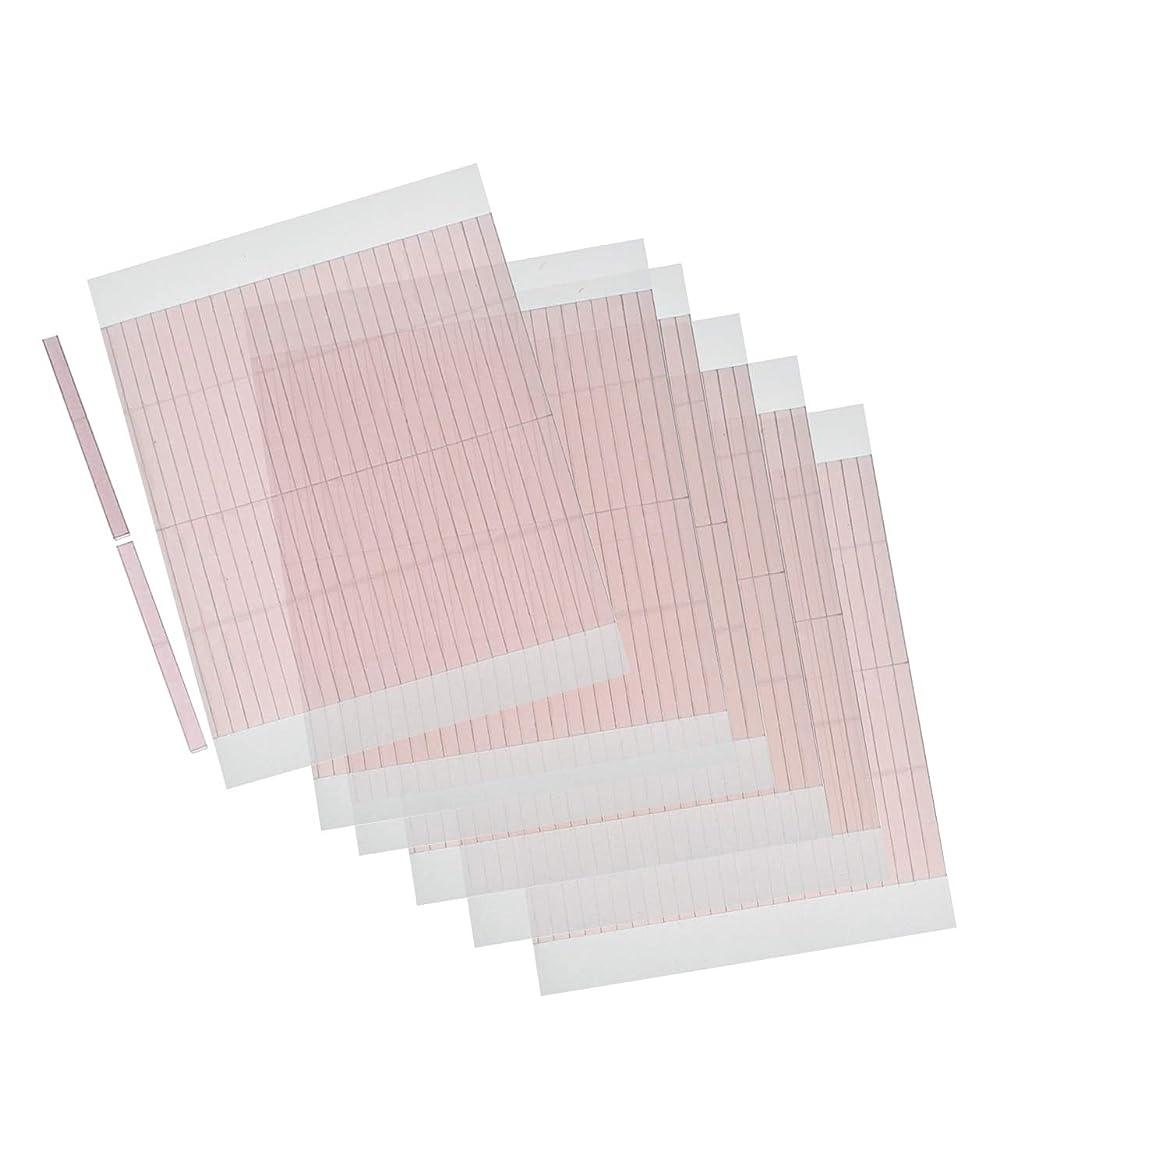 聴覚障害者眠っている排除するm.tivance アイテープ 二重瞼形成 二重テープ 5シートセット 260本入り/アイテープ5枚セット